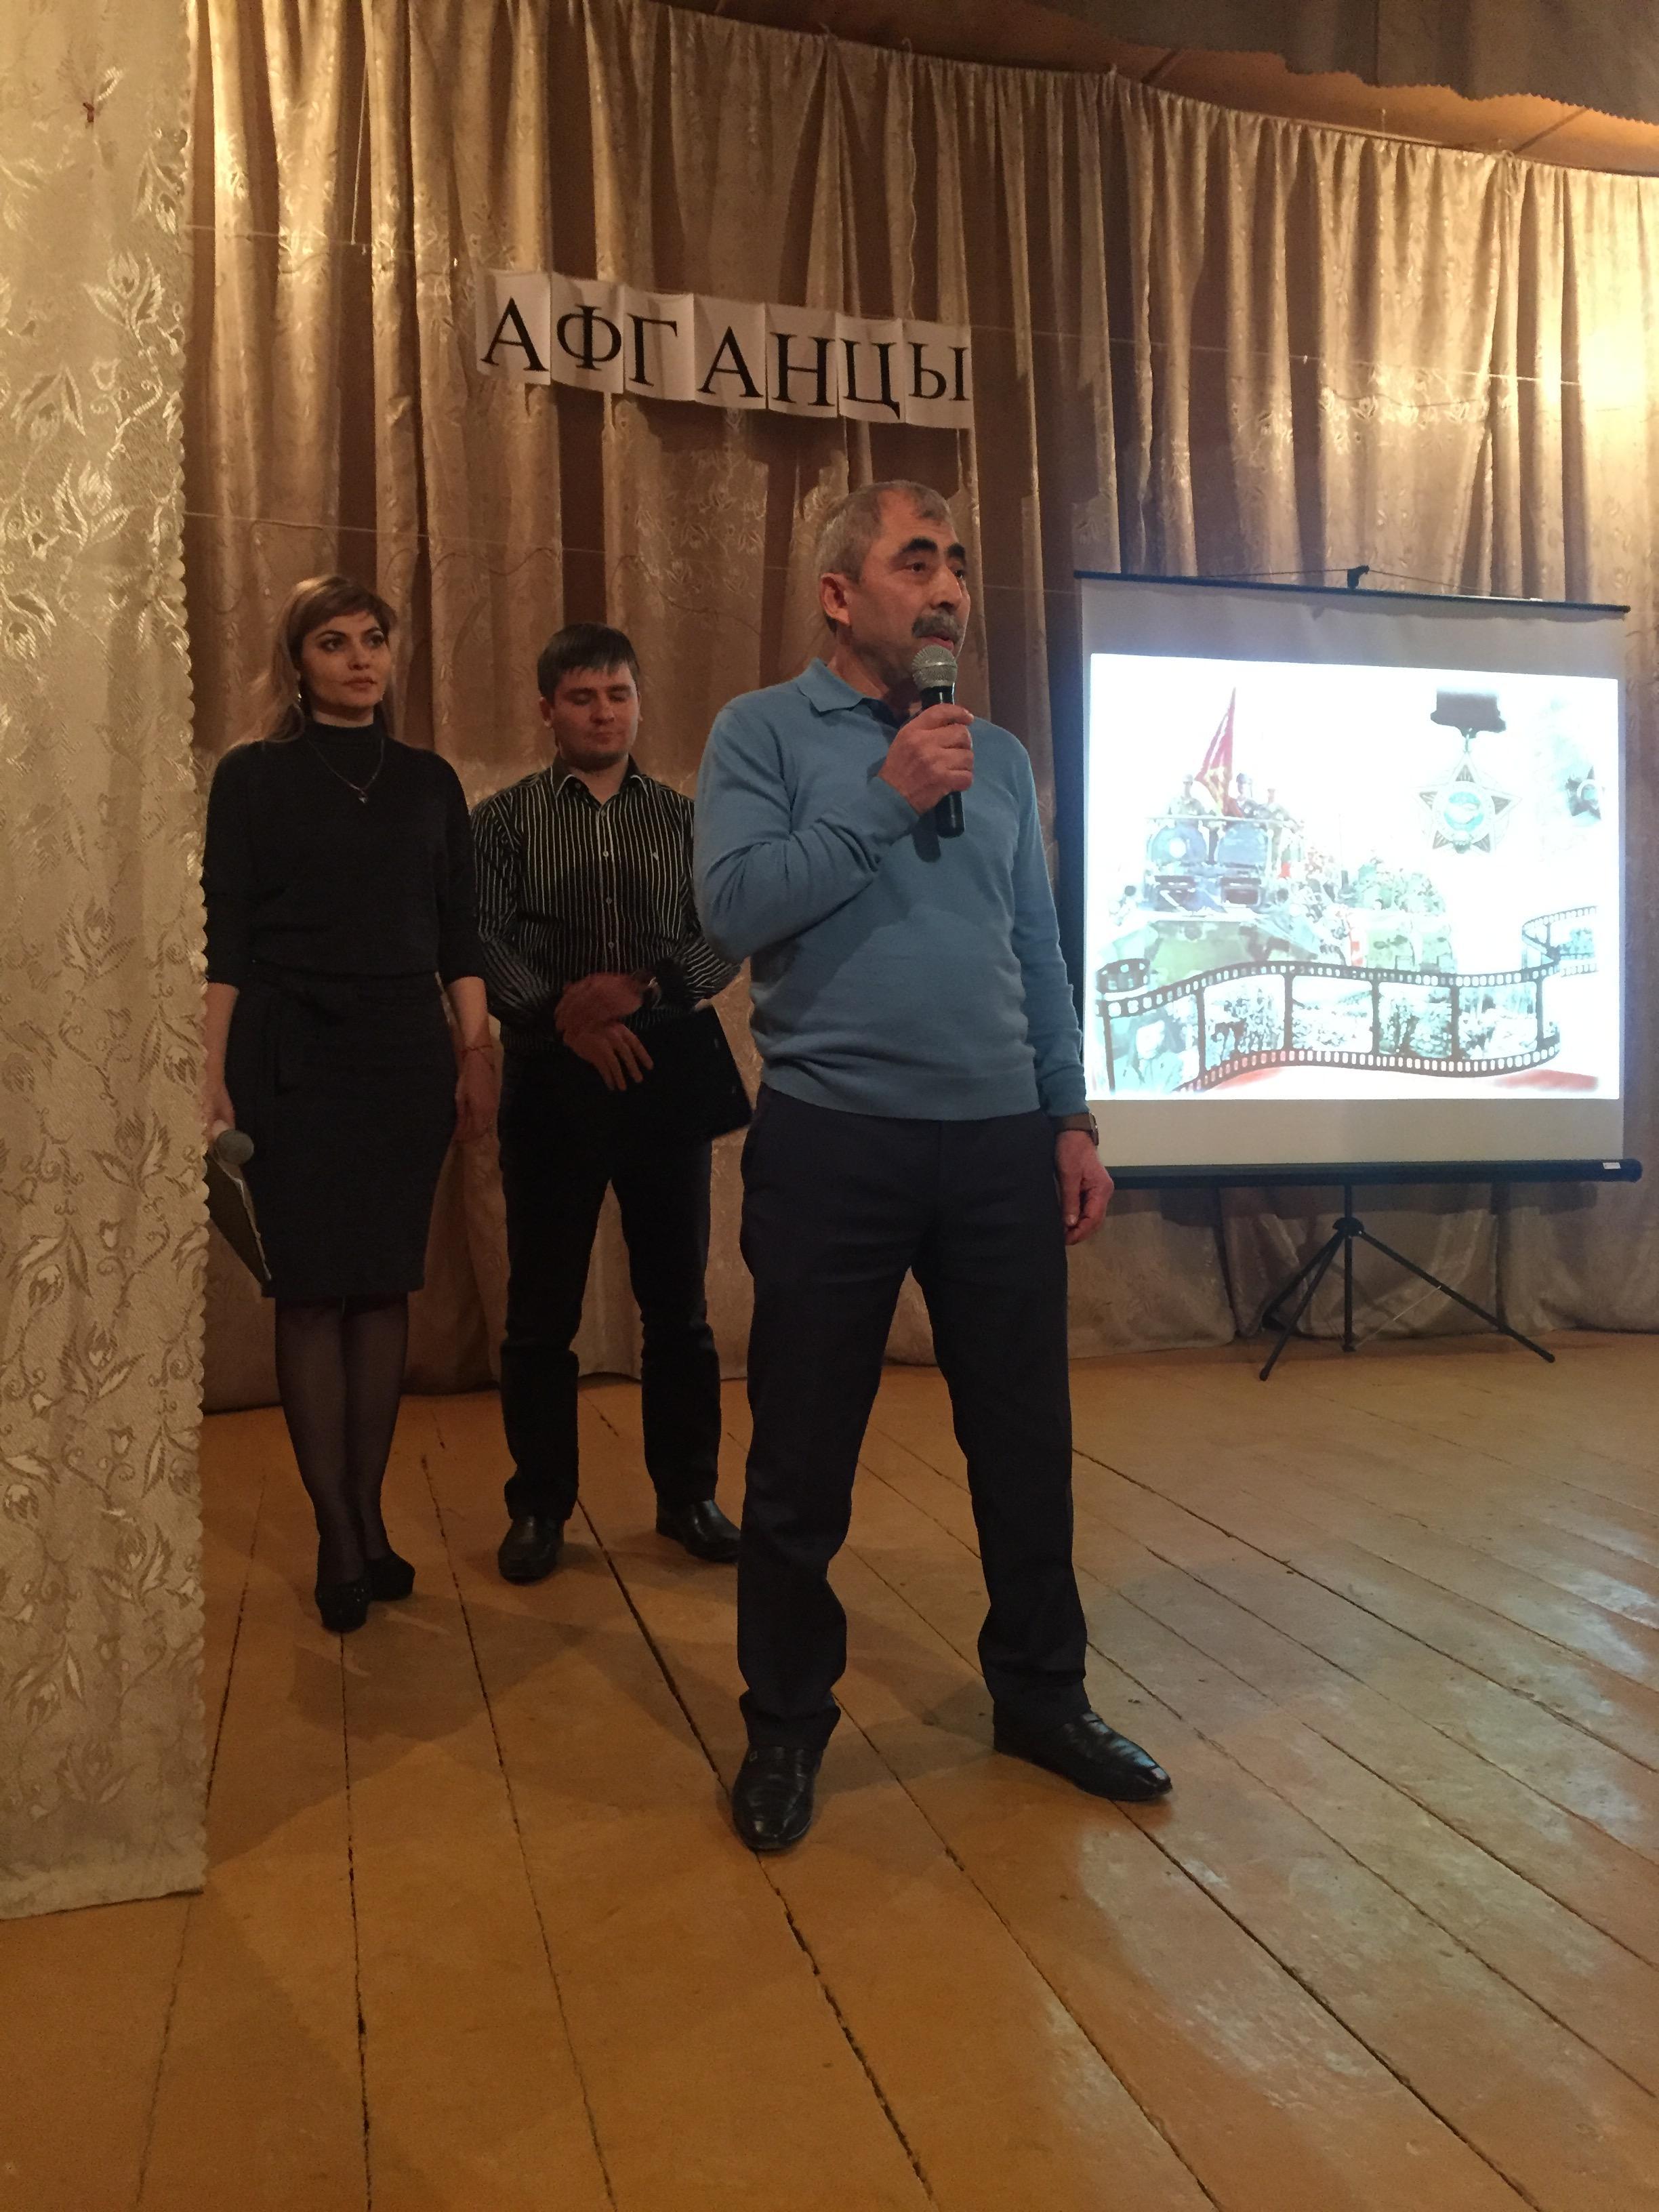 Трем воинам-афганцам из Кизлярского района выделили по 10 соток земли в селе Цветковка